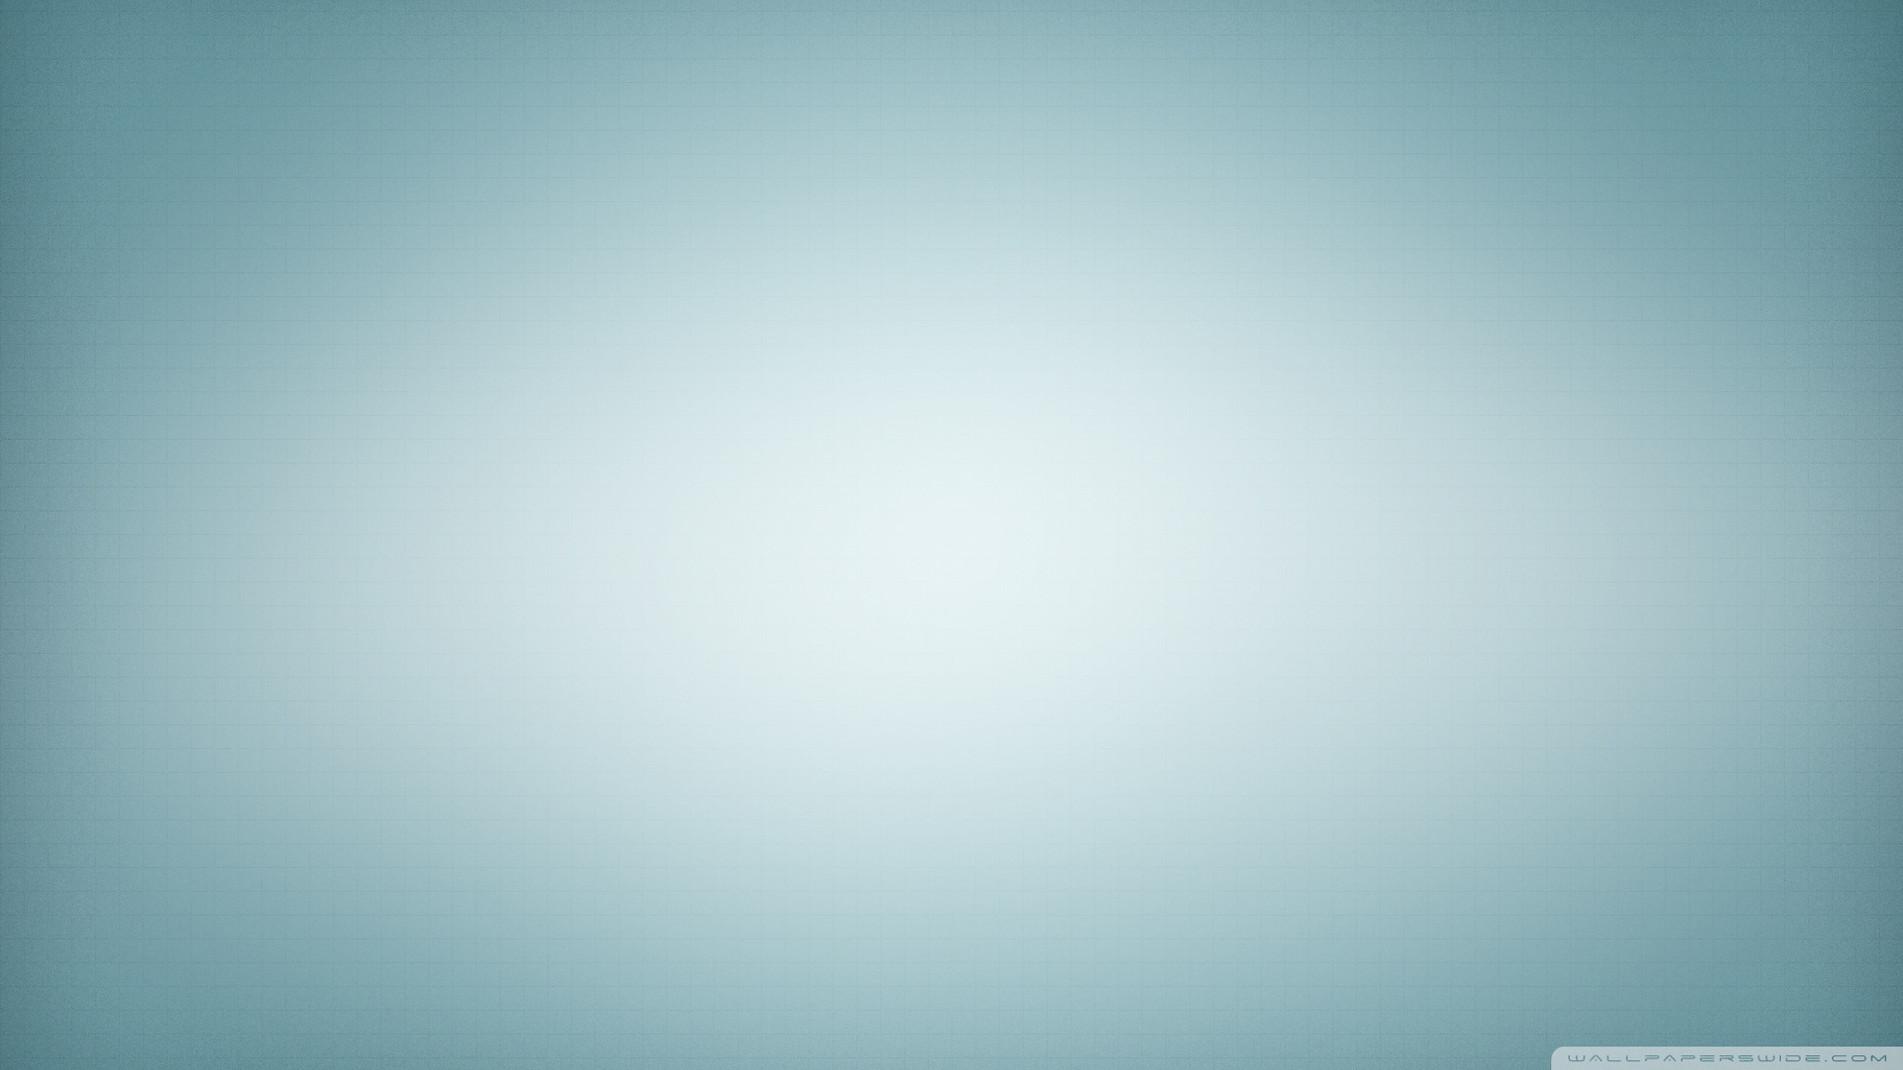 light_gray_texture-wallpaper-1920x1080.j